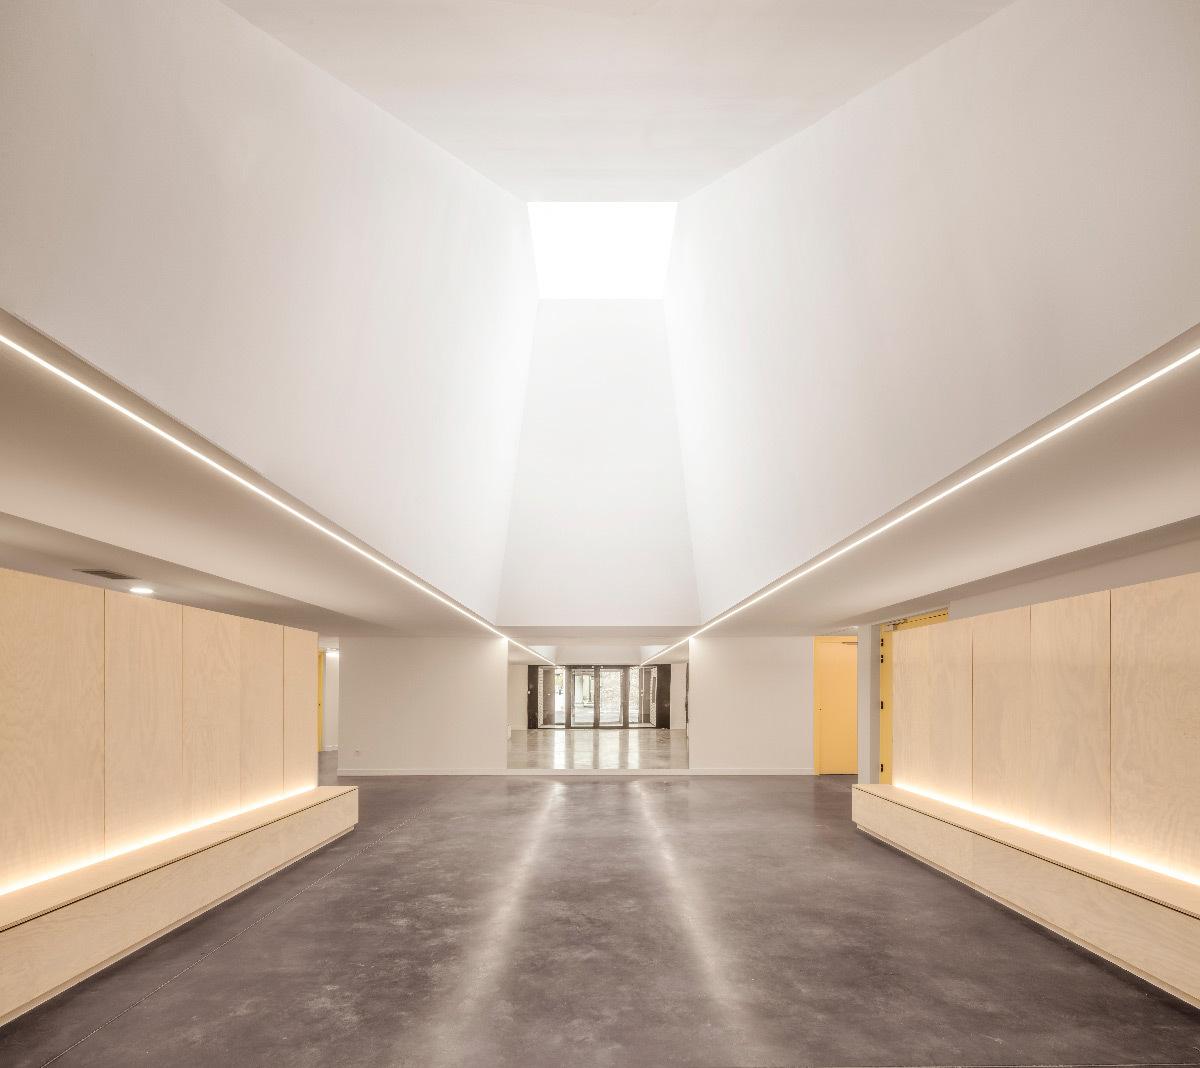 Puits de lumière du jour dans l'axe de l'entrée - Opus 5 architectes